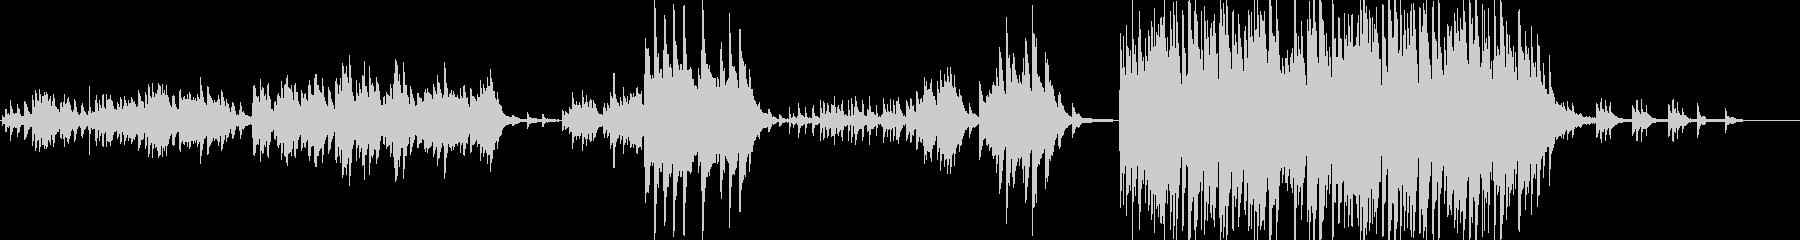 ノスタルジックで優しく切ないピアノソロの未再生の波形